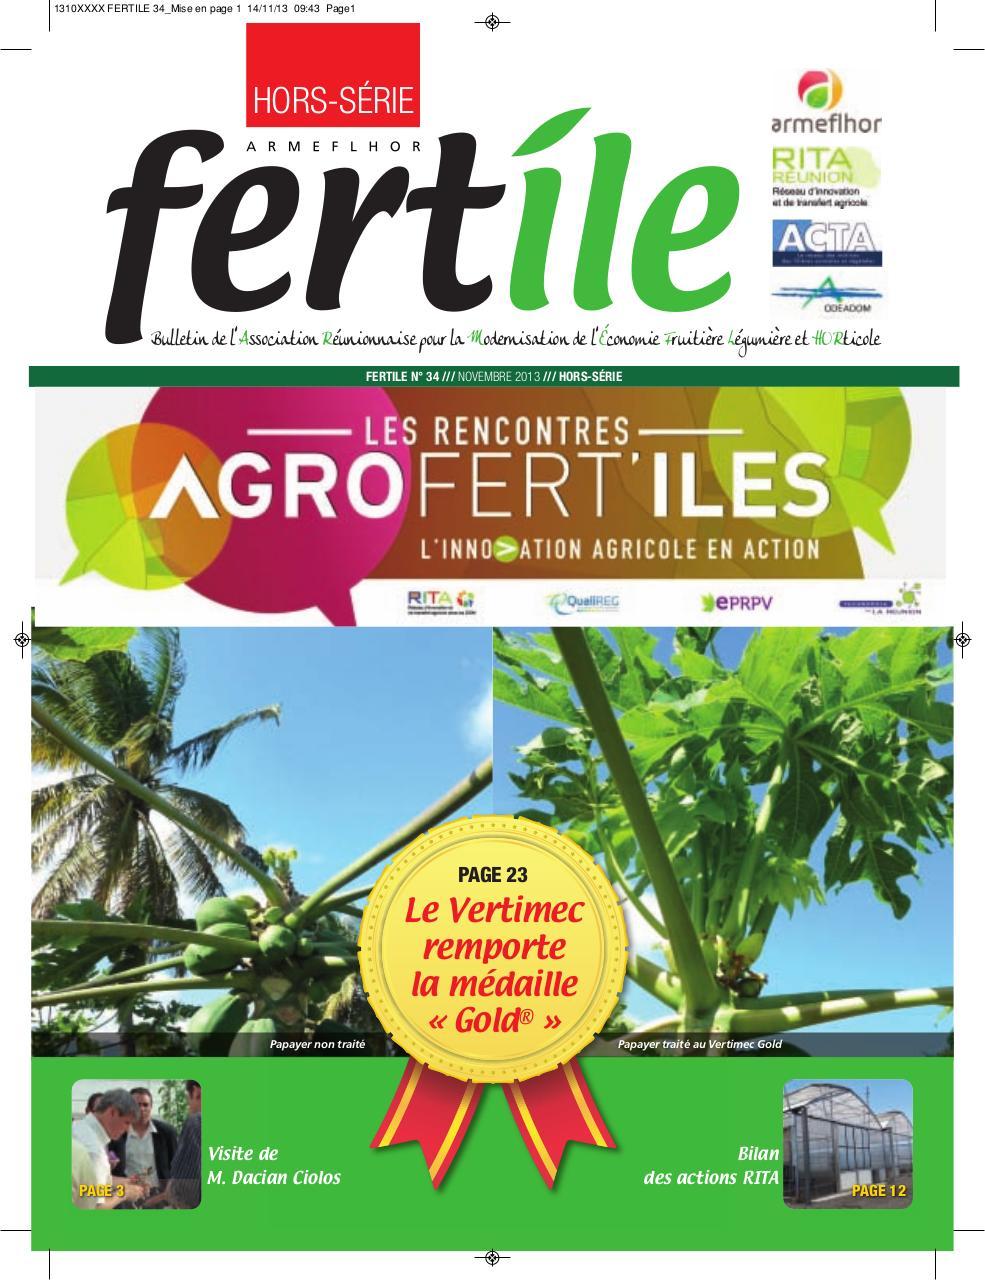 Jenbproductions avis de la chambre d 39 agriculture d 39 ile de france le 24 janvier 2012 fichier pdf - Chambre d agriculture 14 ...